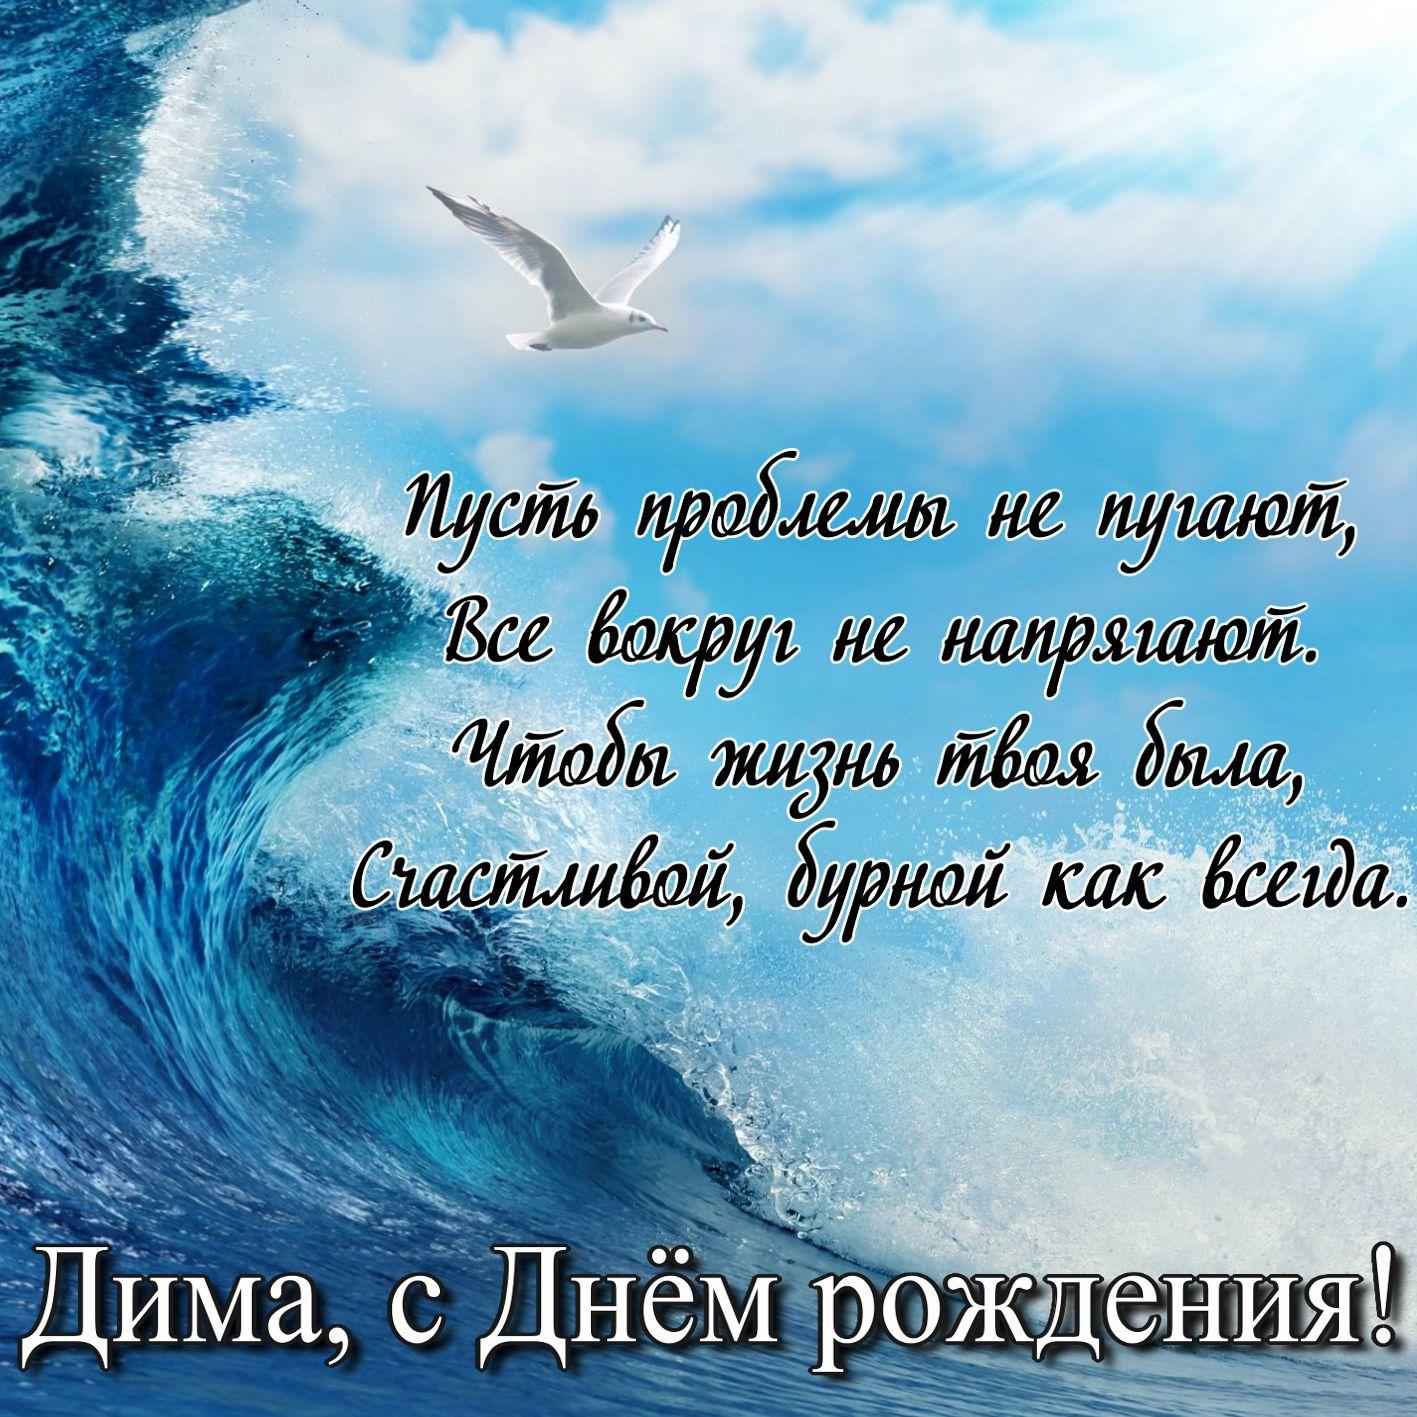 Православная, поздравления к дню рождения оригинальные мужчине открытки